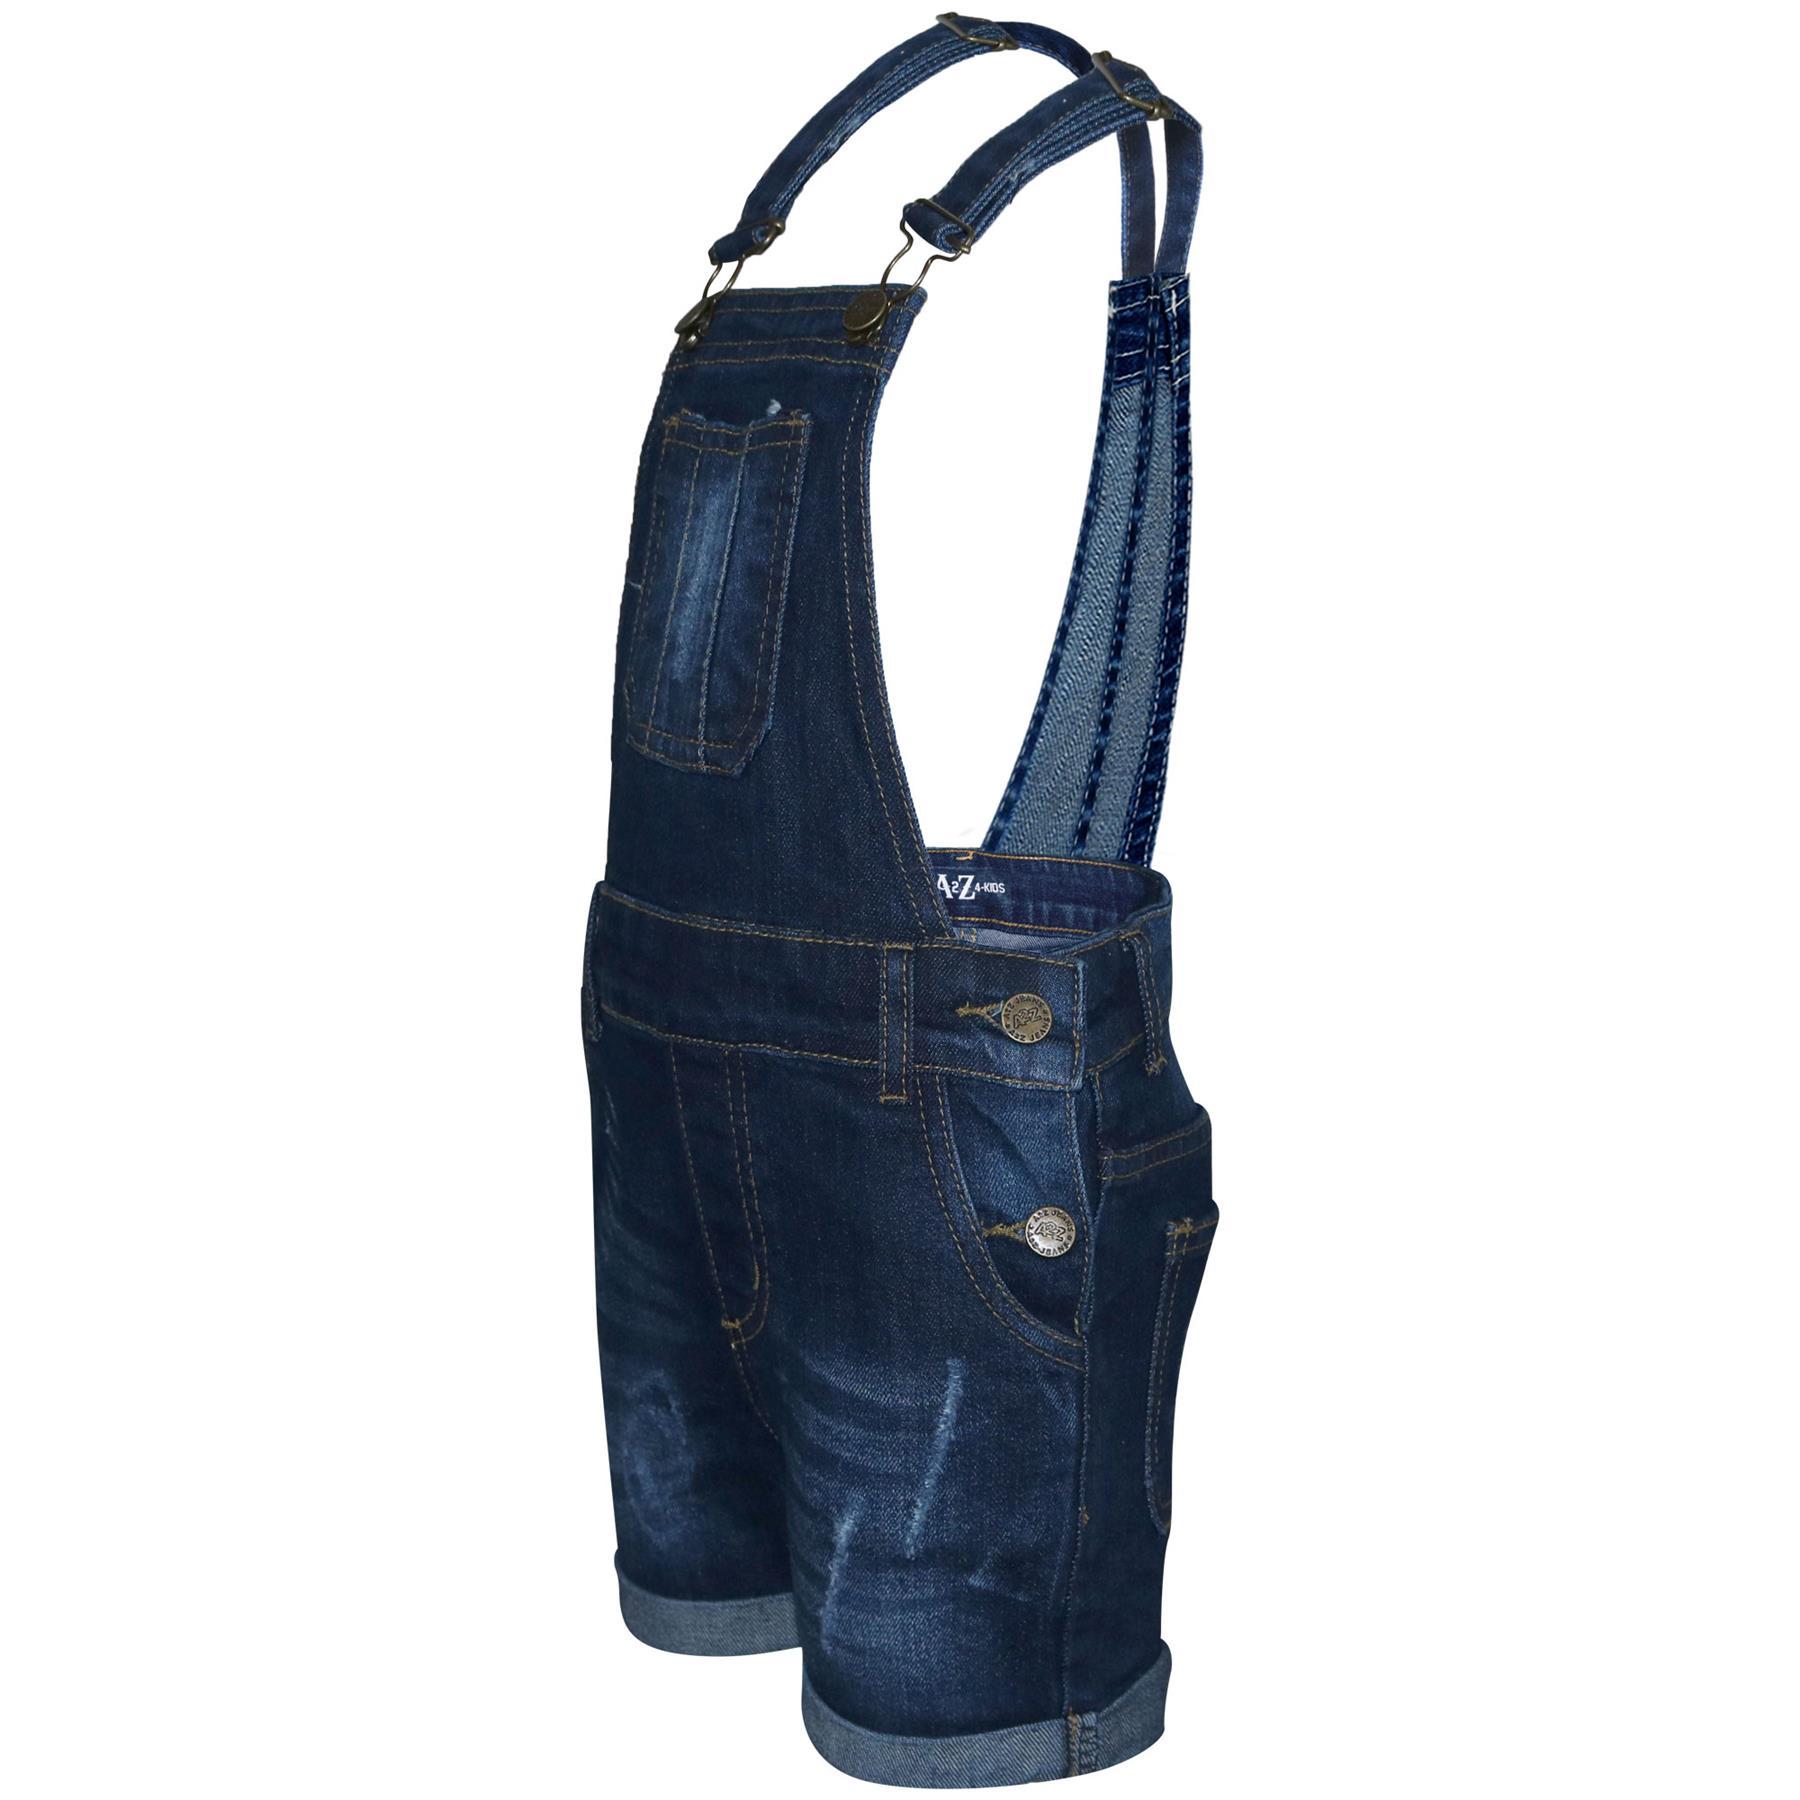 Indexbild 9 - Kinder Mädchen Latzhose Shorts Denim Gerippt Stretch Jeans Overall 5-13 Jahr